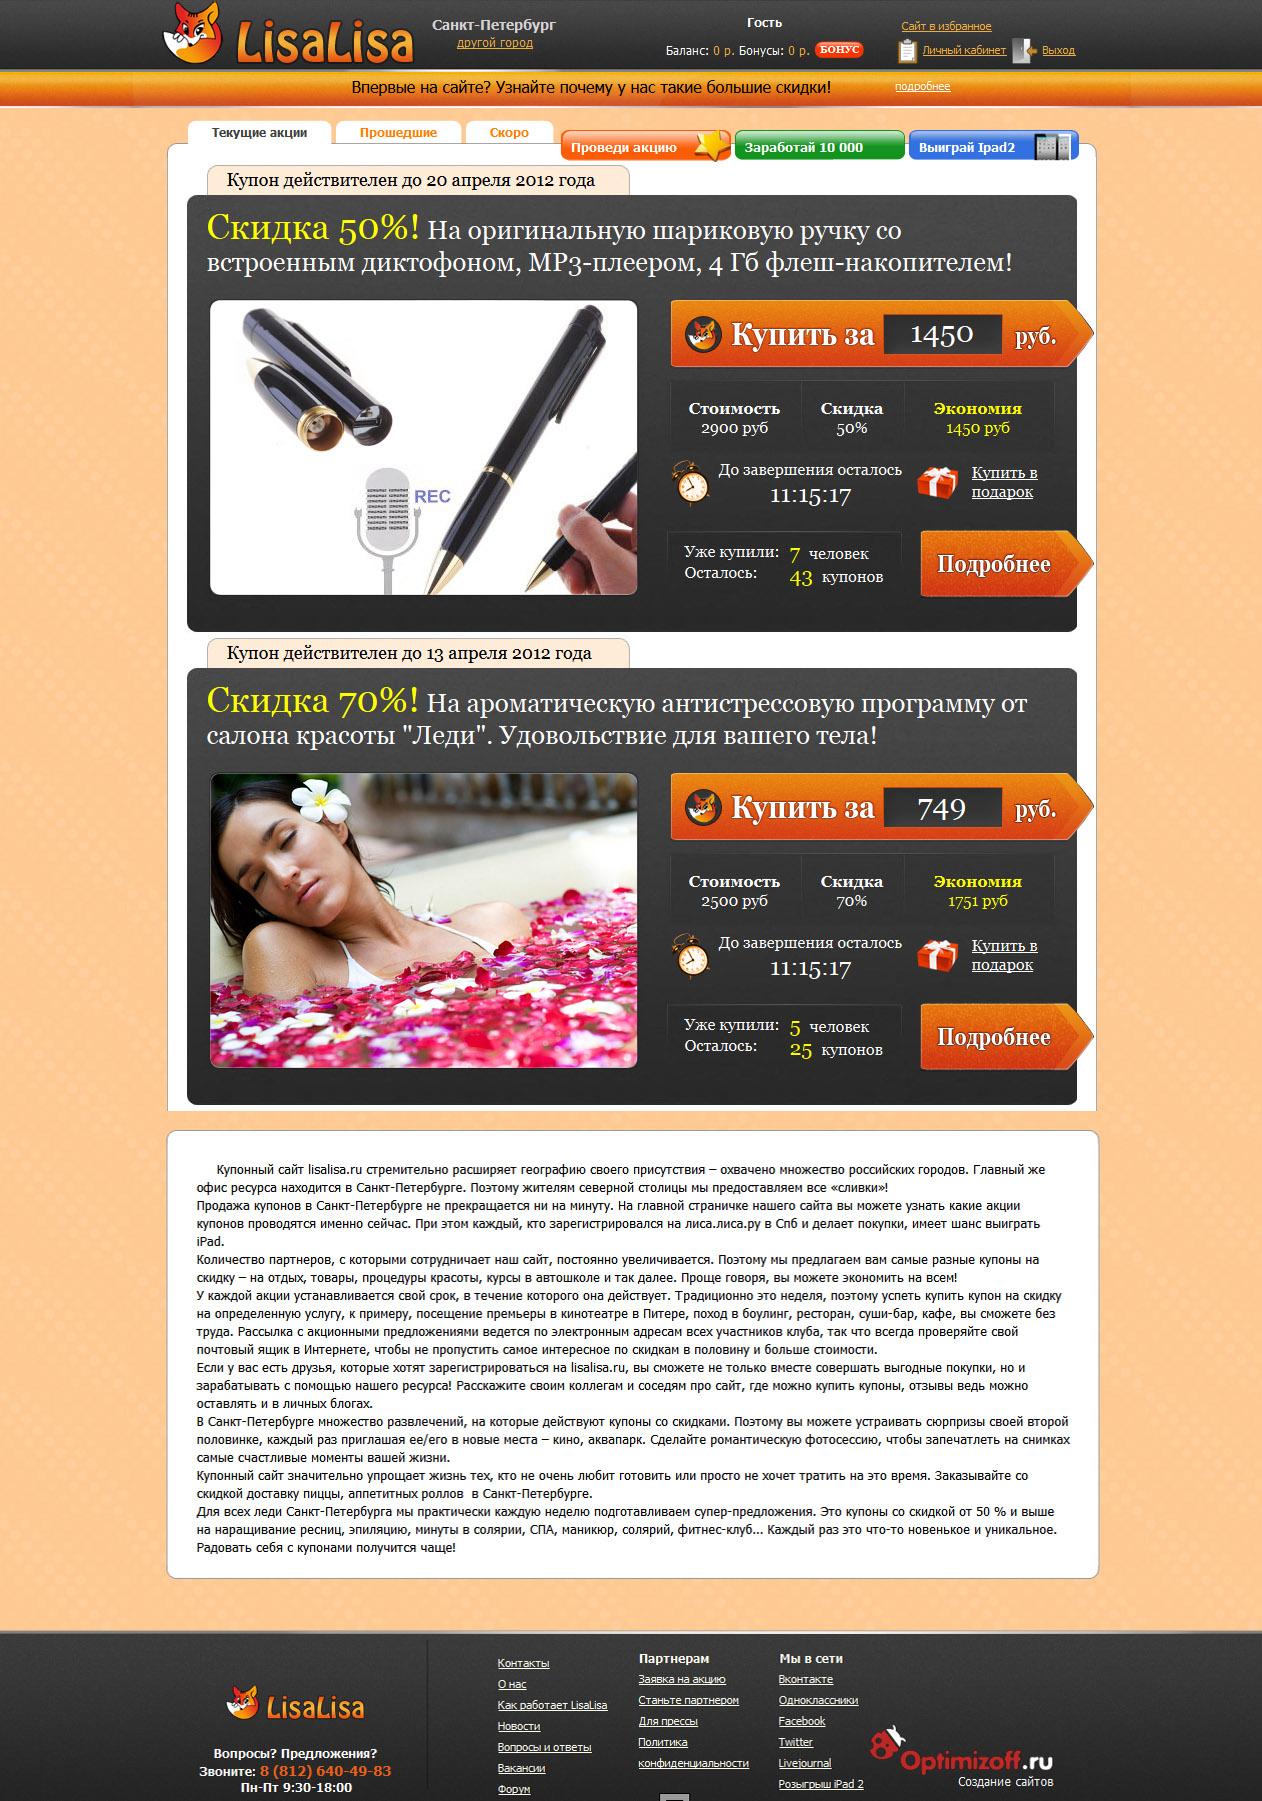 <p>Выгодно купить купон на скидку в ресторан, боулинг, или услугу салона красоты Вам предлагает сайт купонов со скидками LisaLisa.ru.</p>